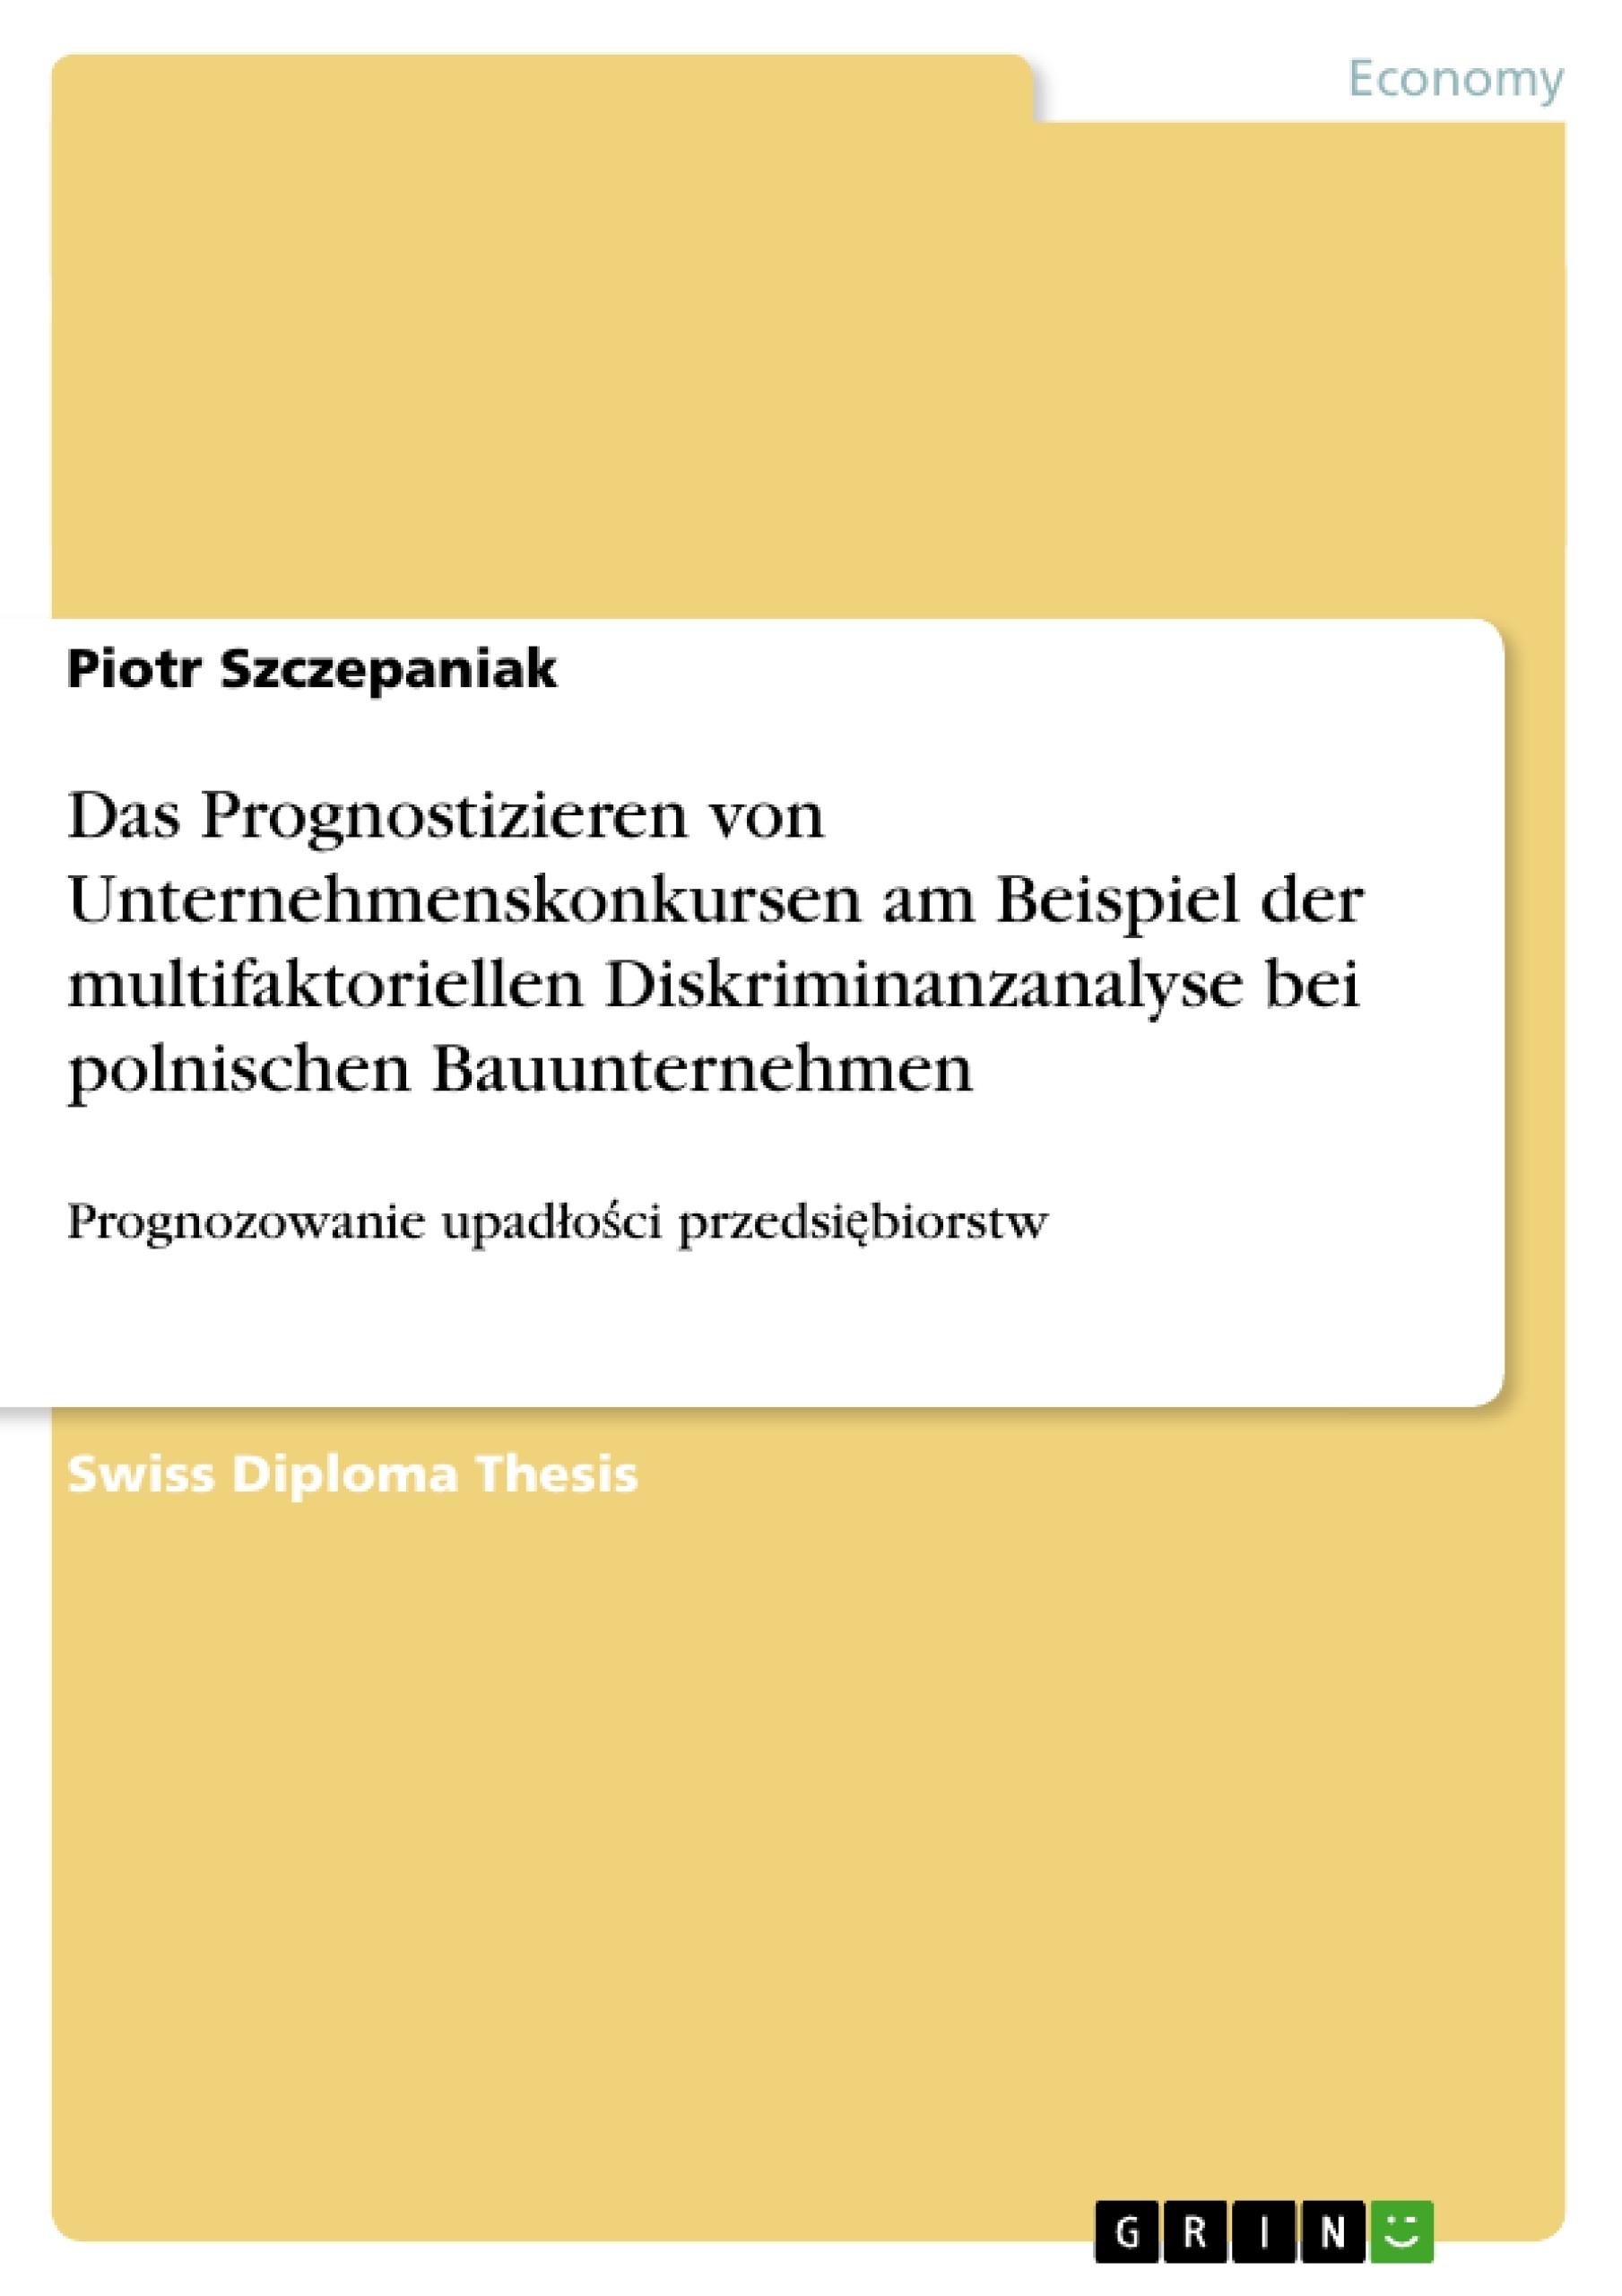 Title: Das Prognostizieren von Unternehmenskonkursen am Beispiel der multifaktoriellen Diskriminanzanalyse bei polnischen Bauunternehmen